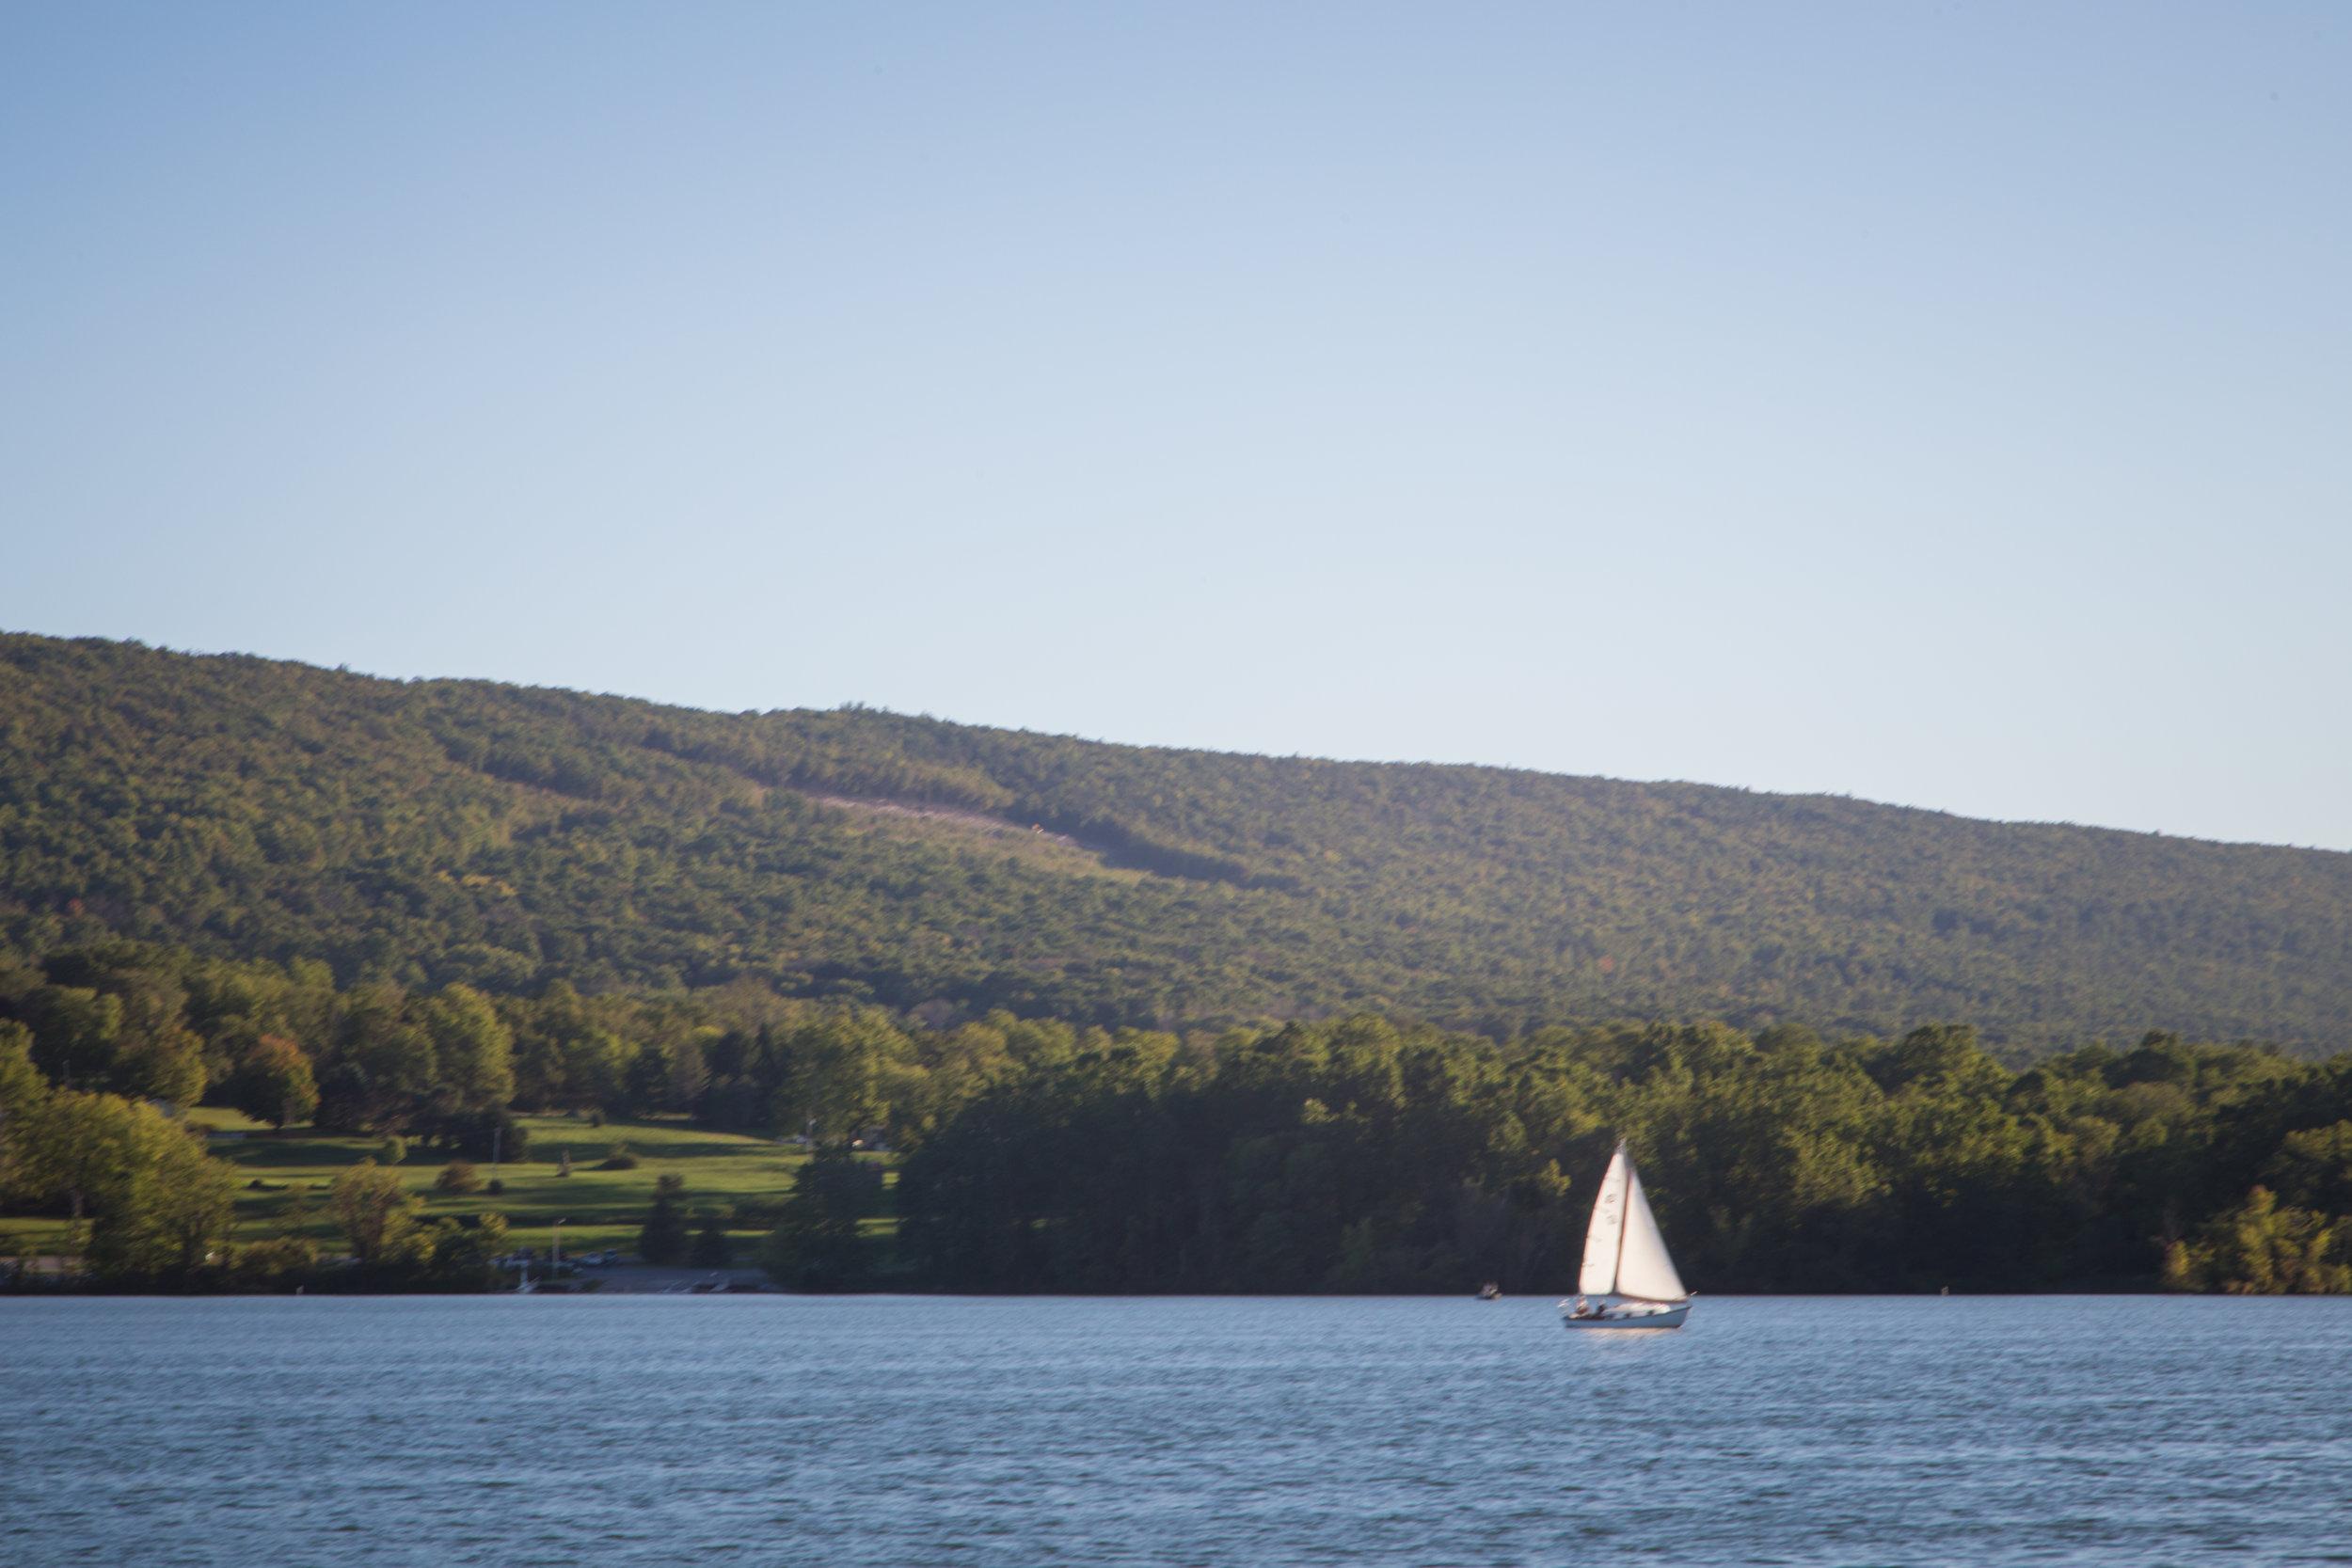 271 // 266 Beautiful lake day